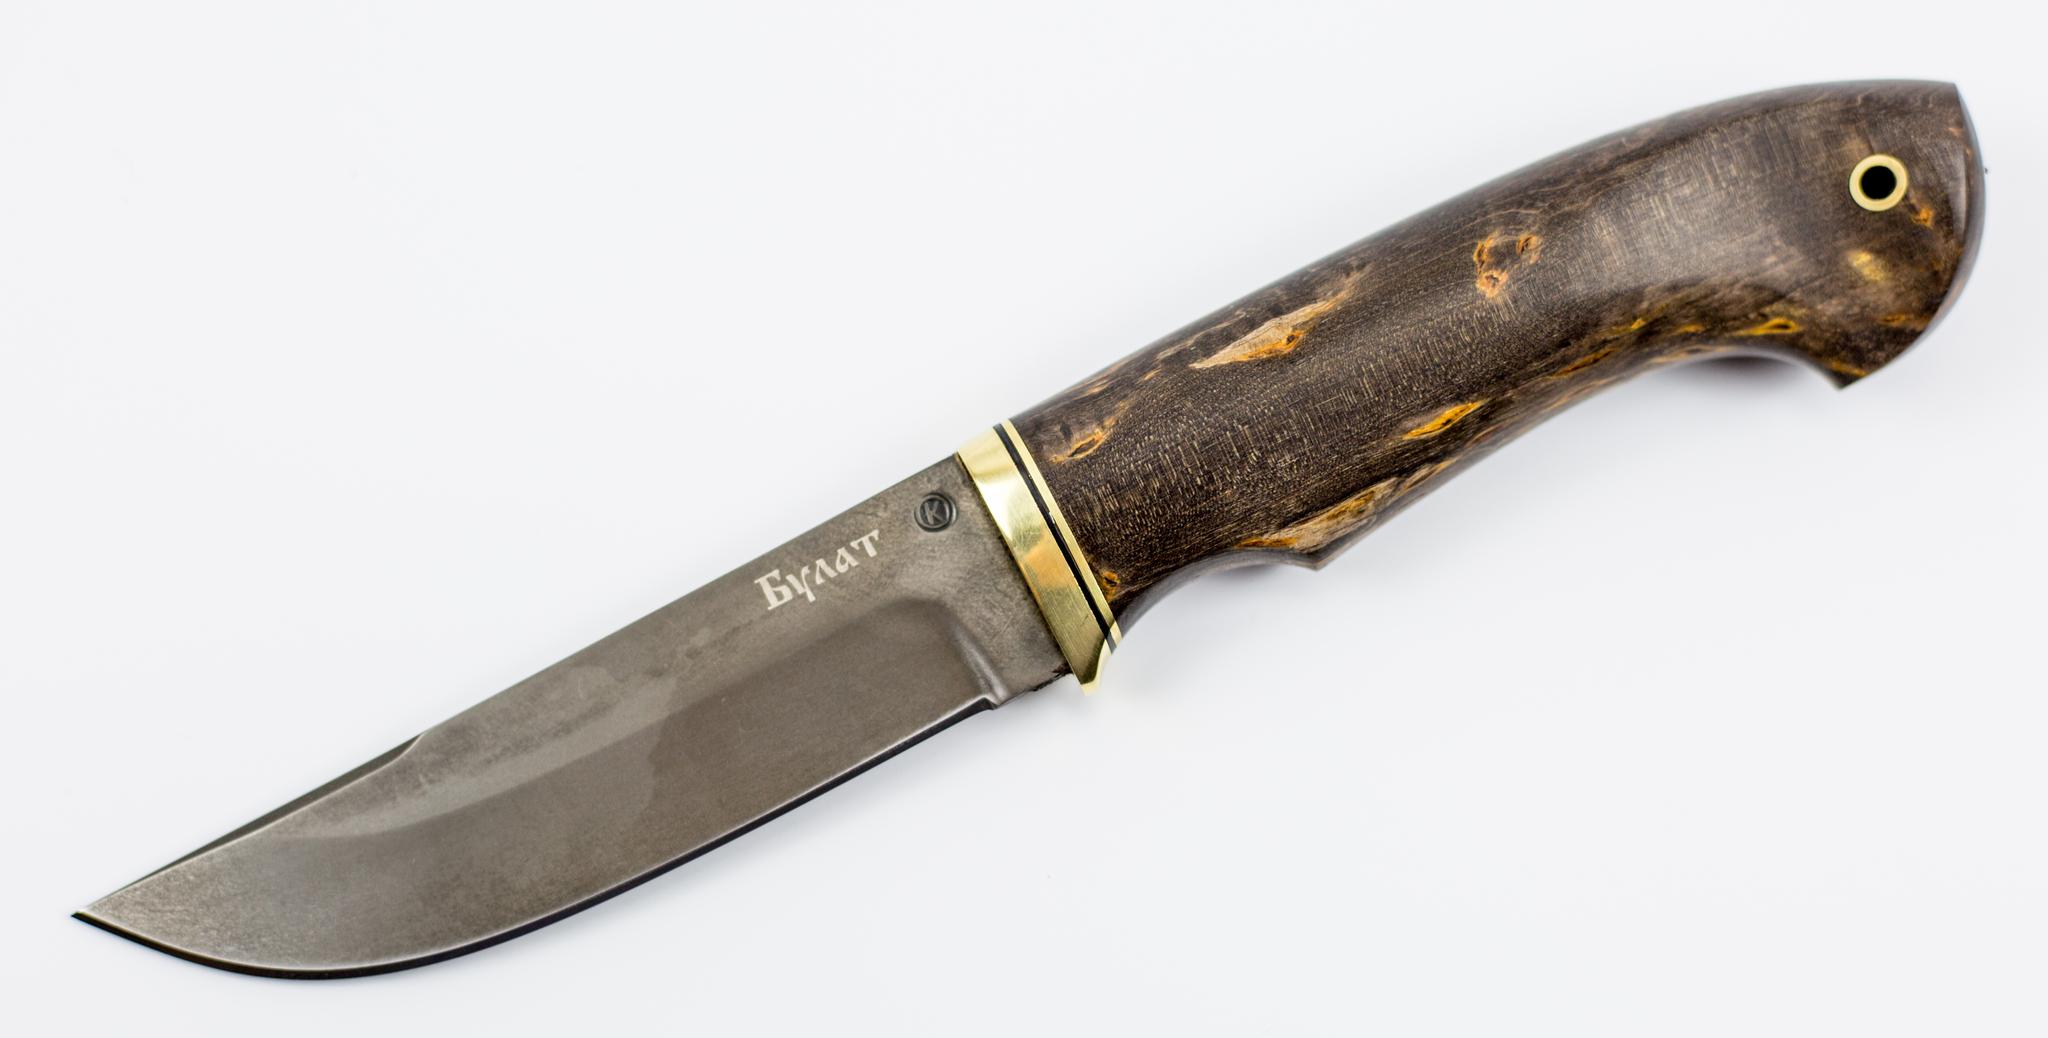 Нож Овод булат, карельская березаНожи Ворсма<br>Длина рукояти (мм) 115Твердость клинка 61-62Длина клинка (мм) 115Ширина клинка (мм) 29Толщина клинка 2,8Сталь-булат.Рукоять-латунь, фибра, стабилизированная карельская береза коричневая.Вес-150г.<br>